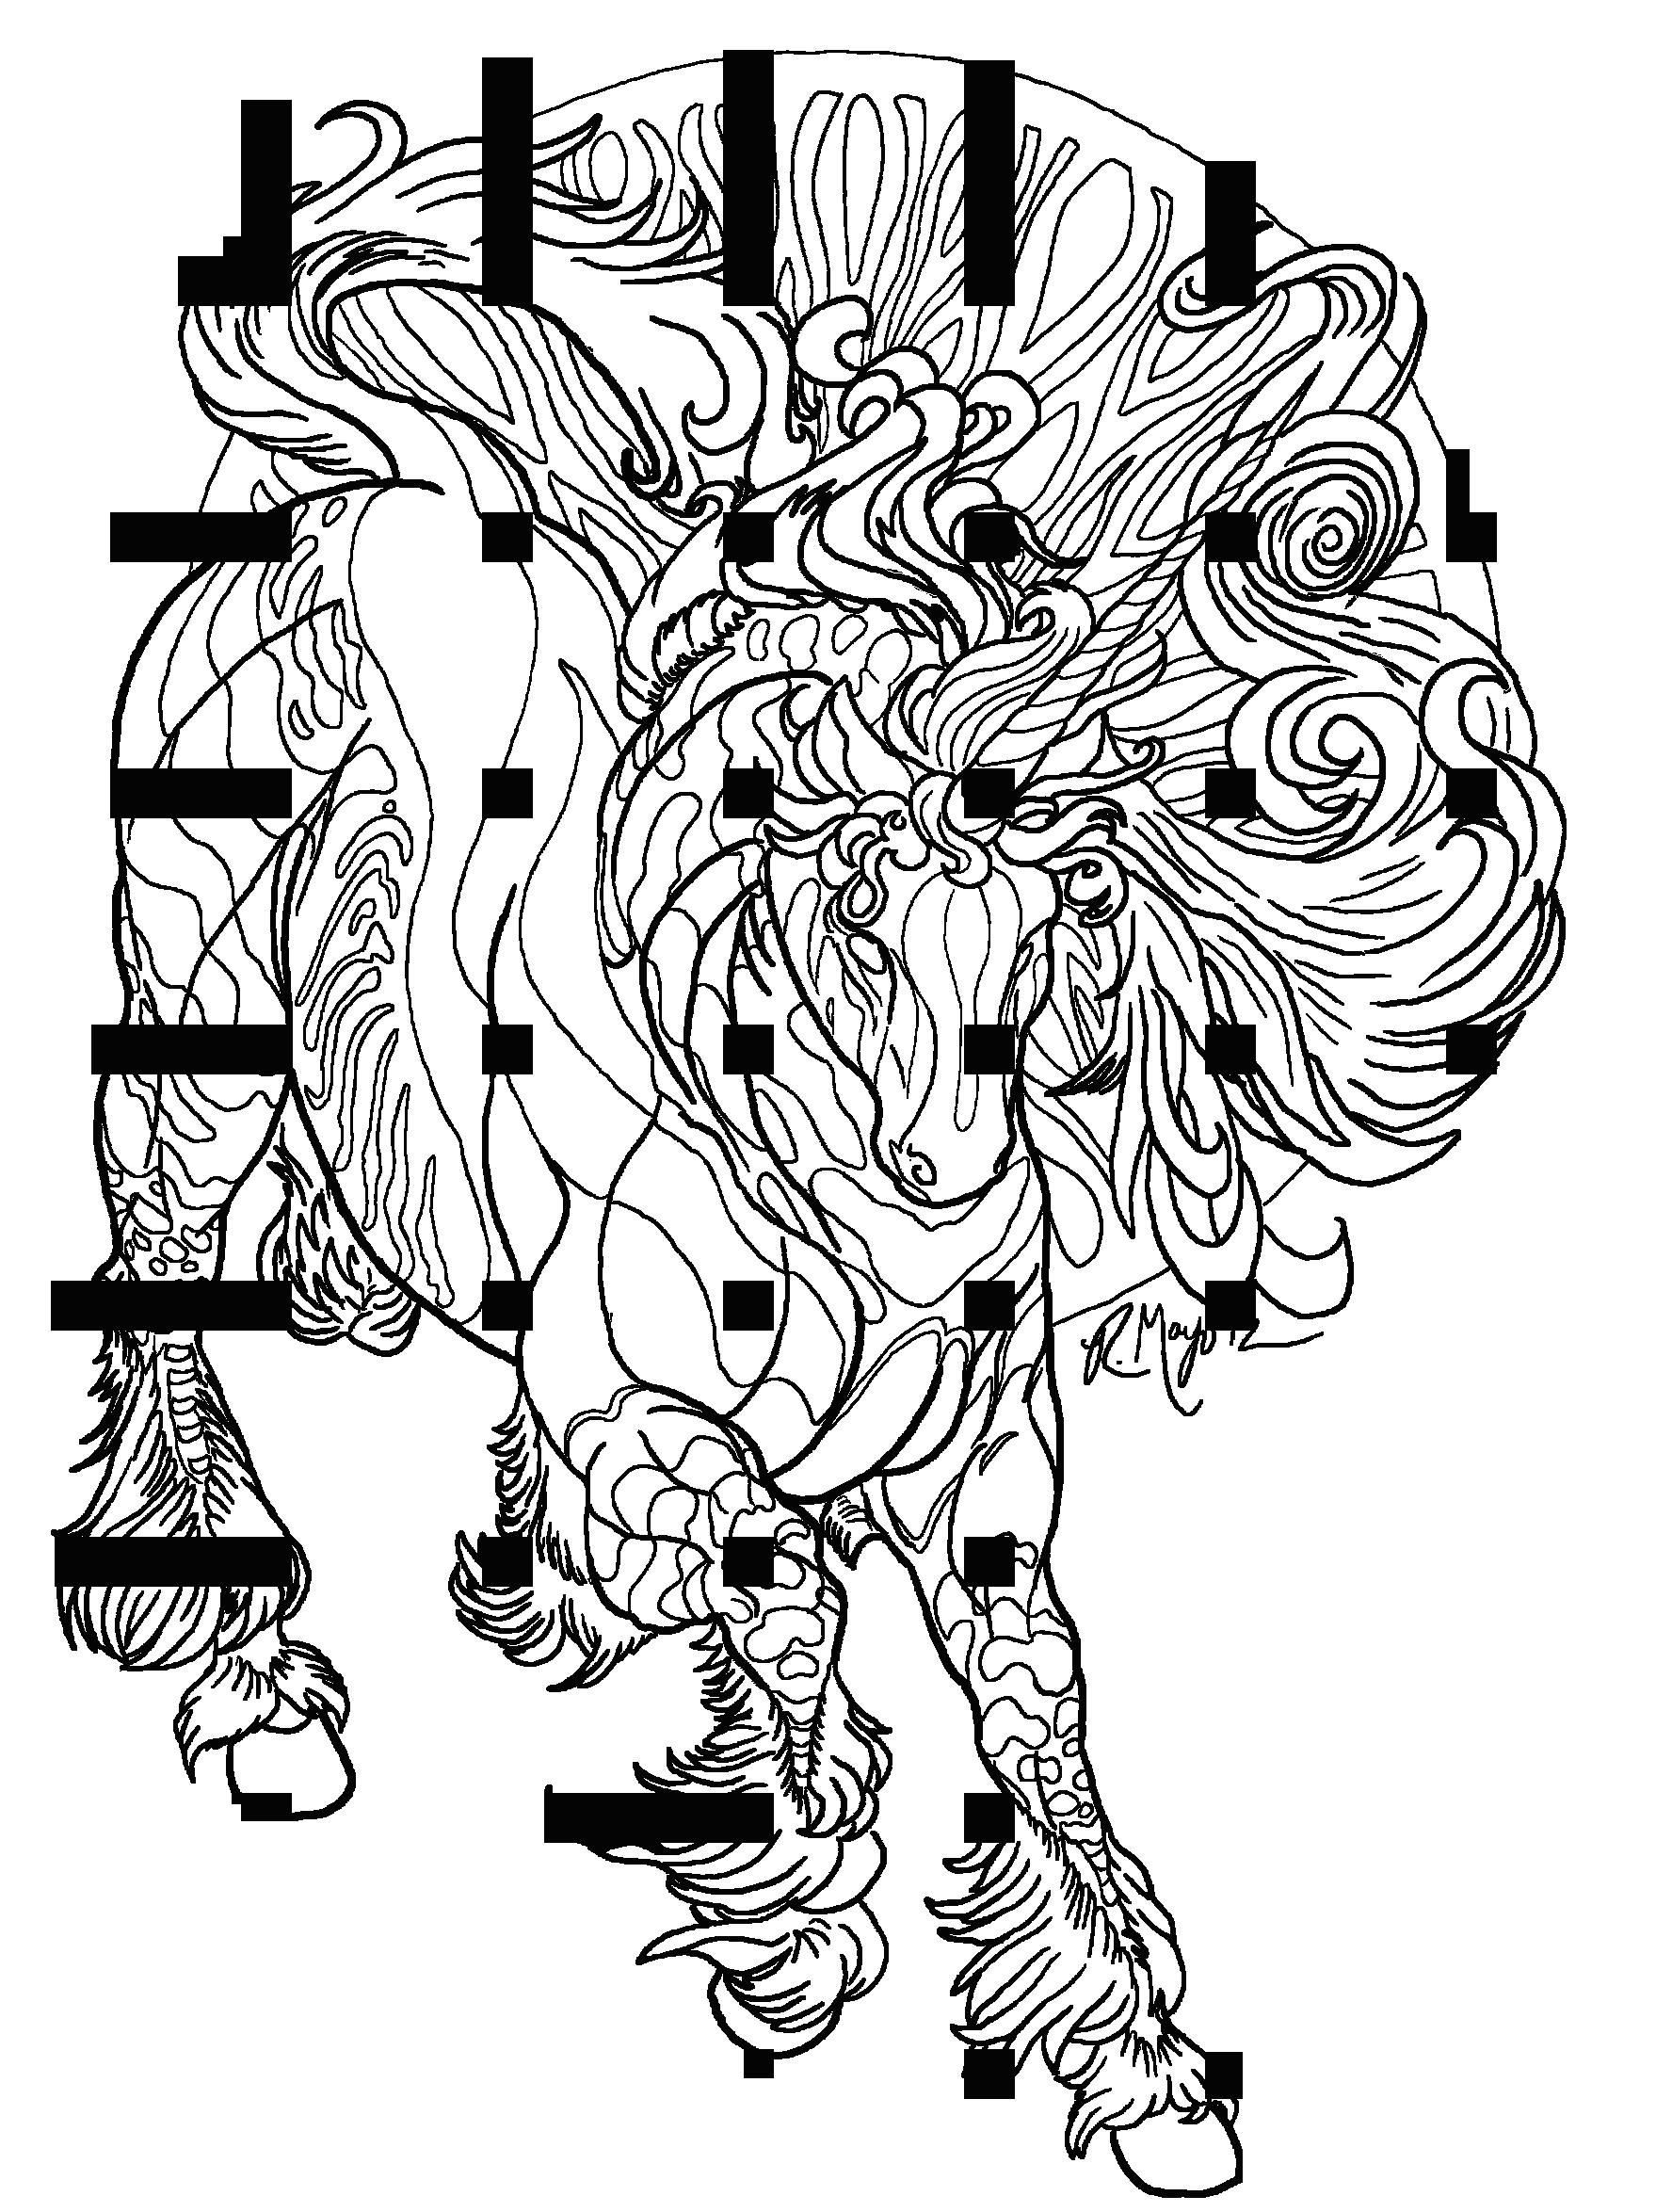 Line Art : By the light of stars lineart rachaelm on deviantart